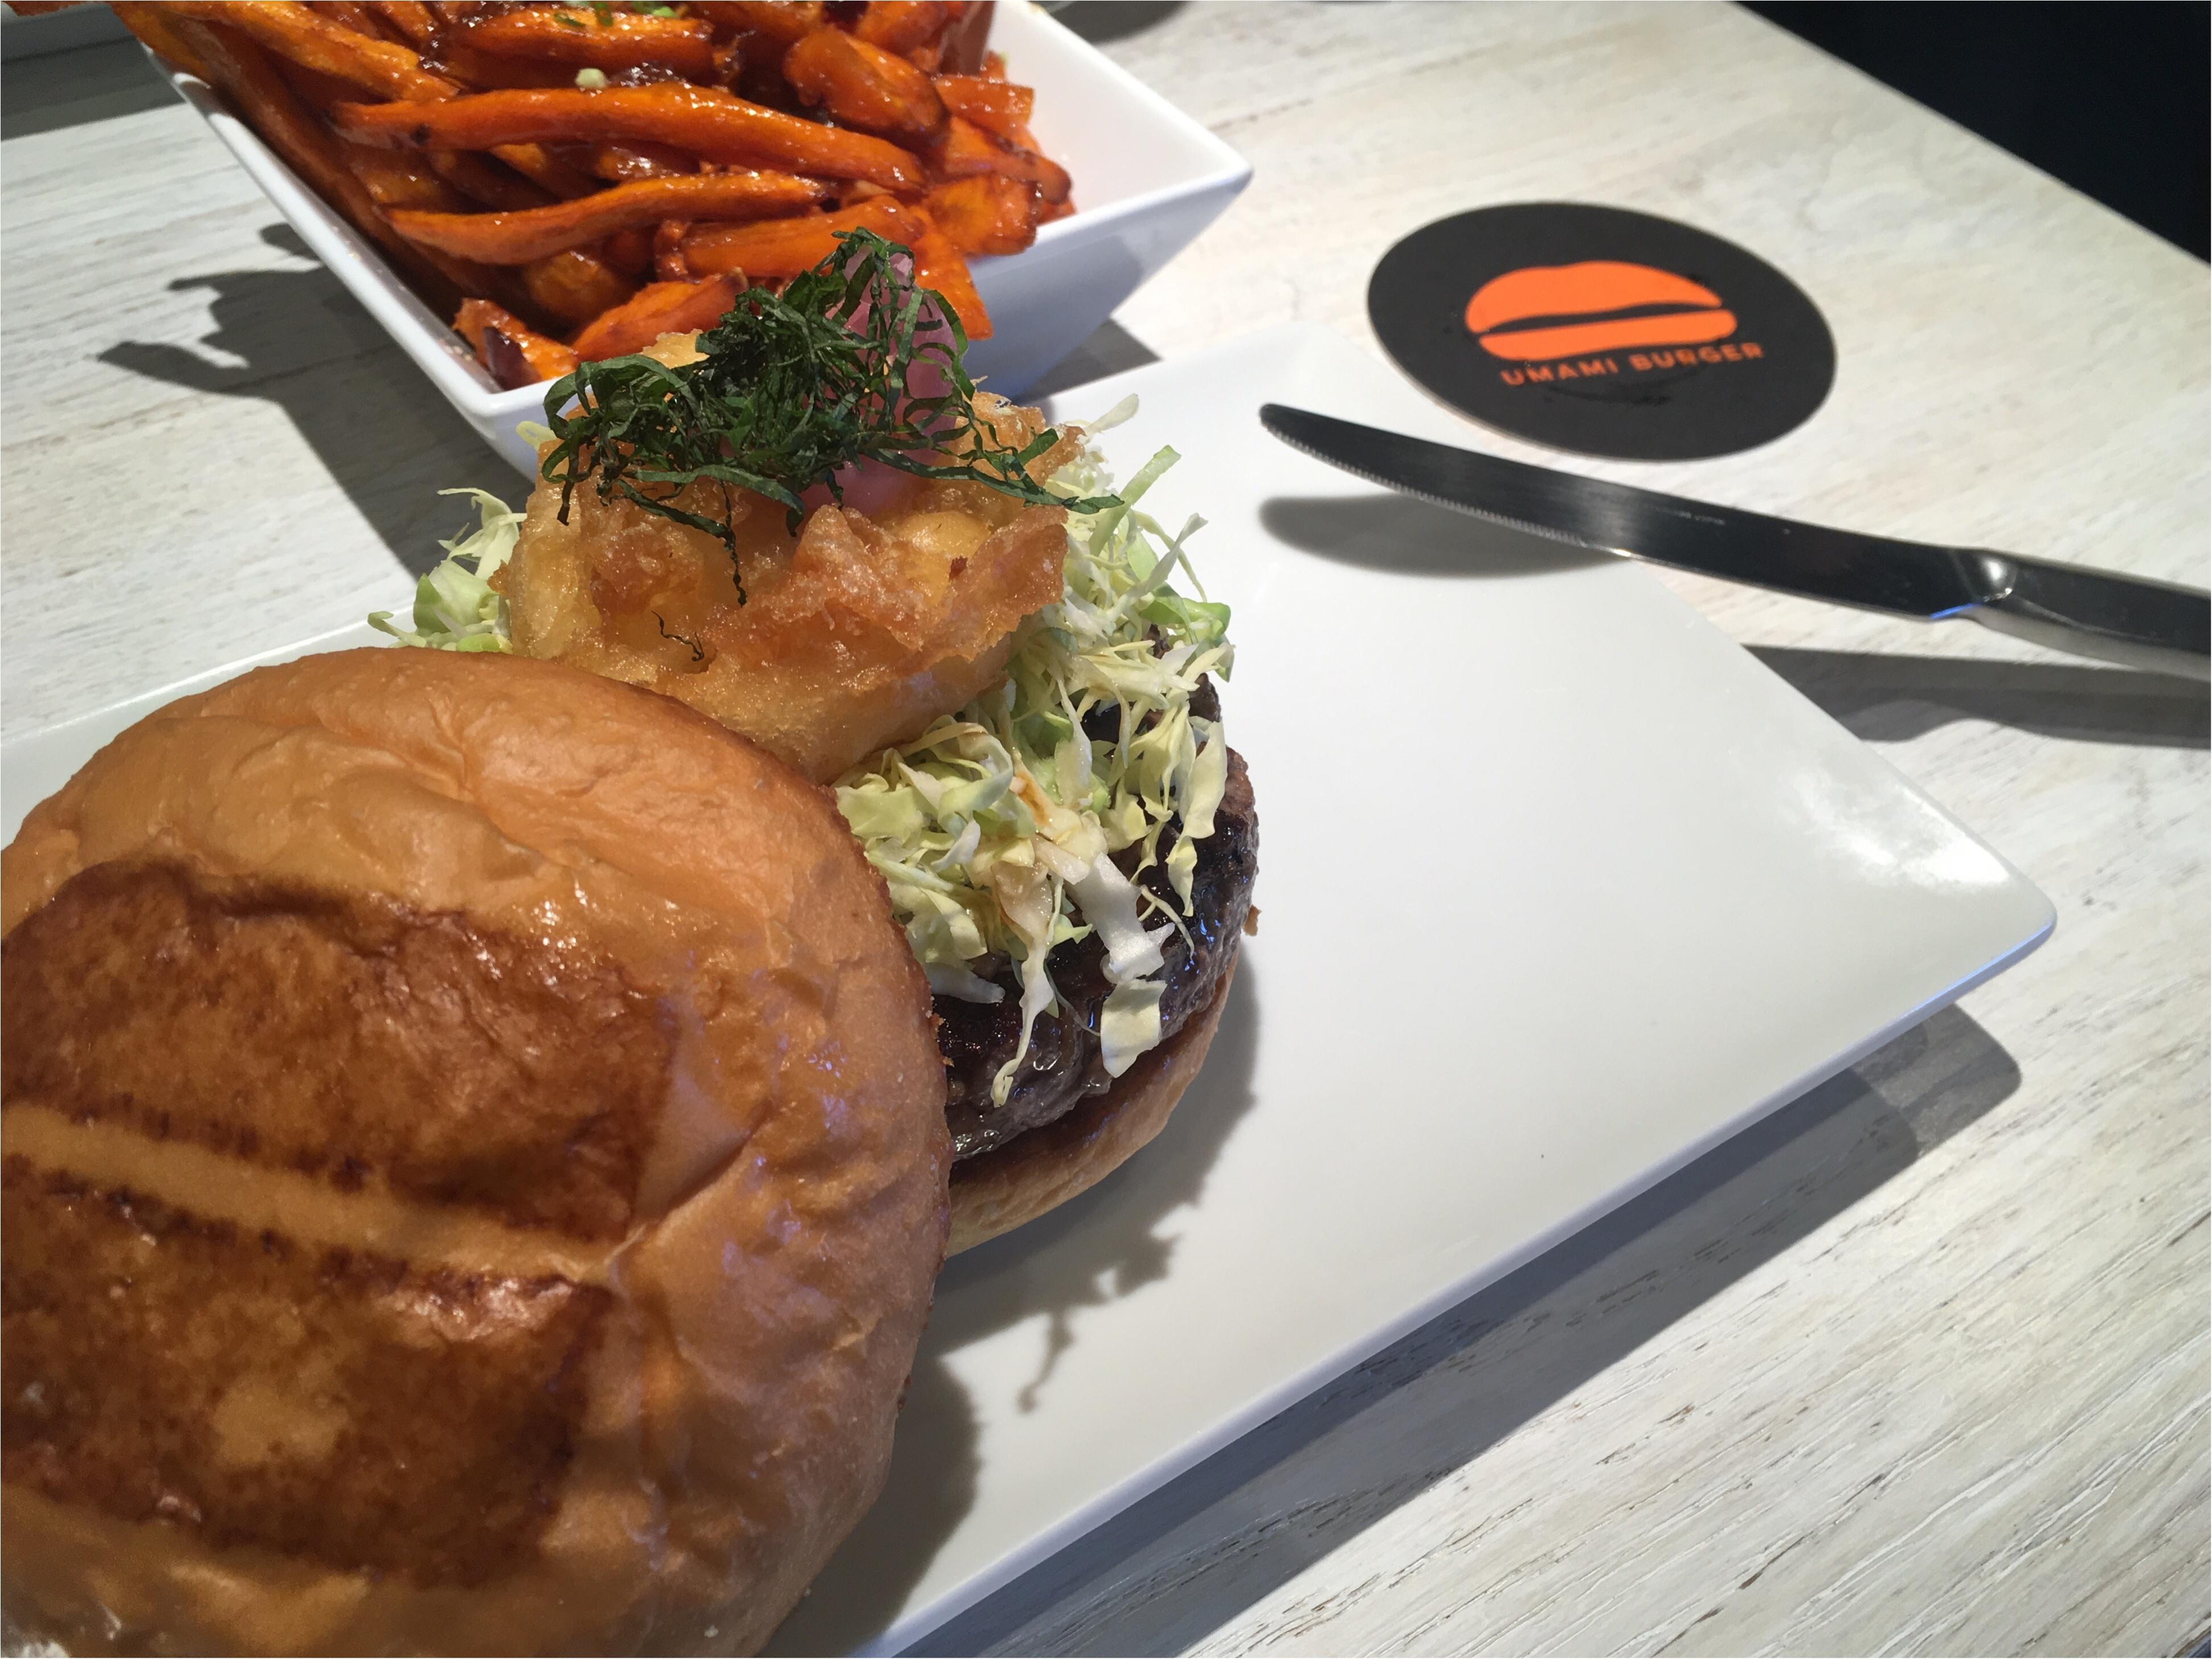 LA発の人気店「UMAMI BURGER」で日本限定の●●●●バーガー食べてきました!!混雑状況は?予約は?テイクアウトは?_2